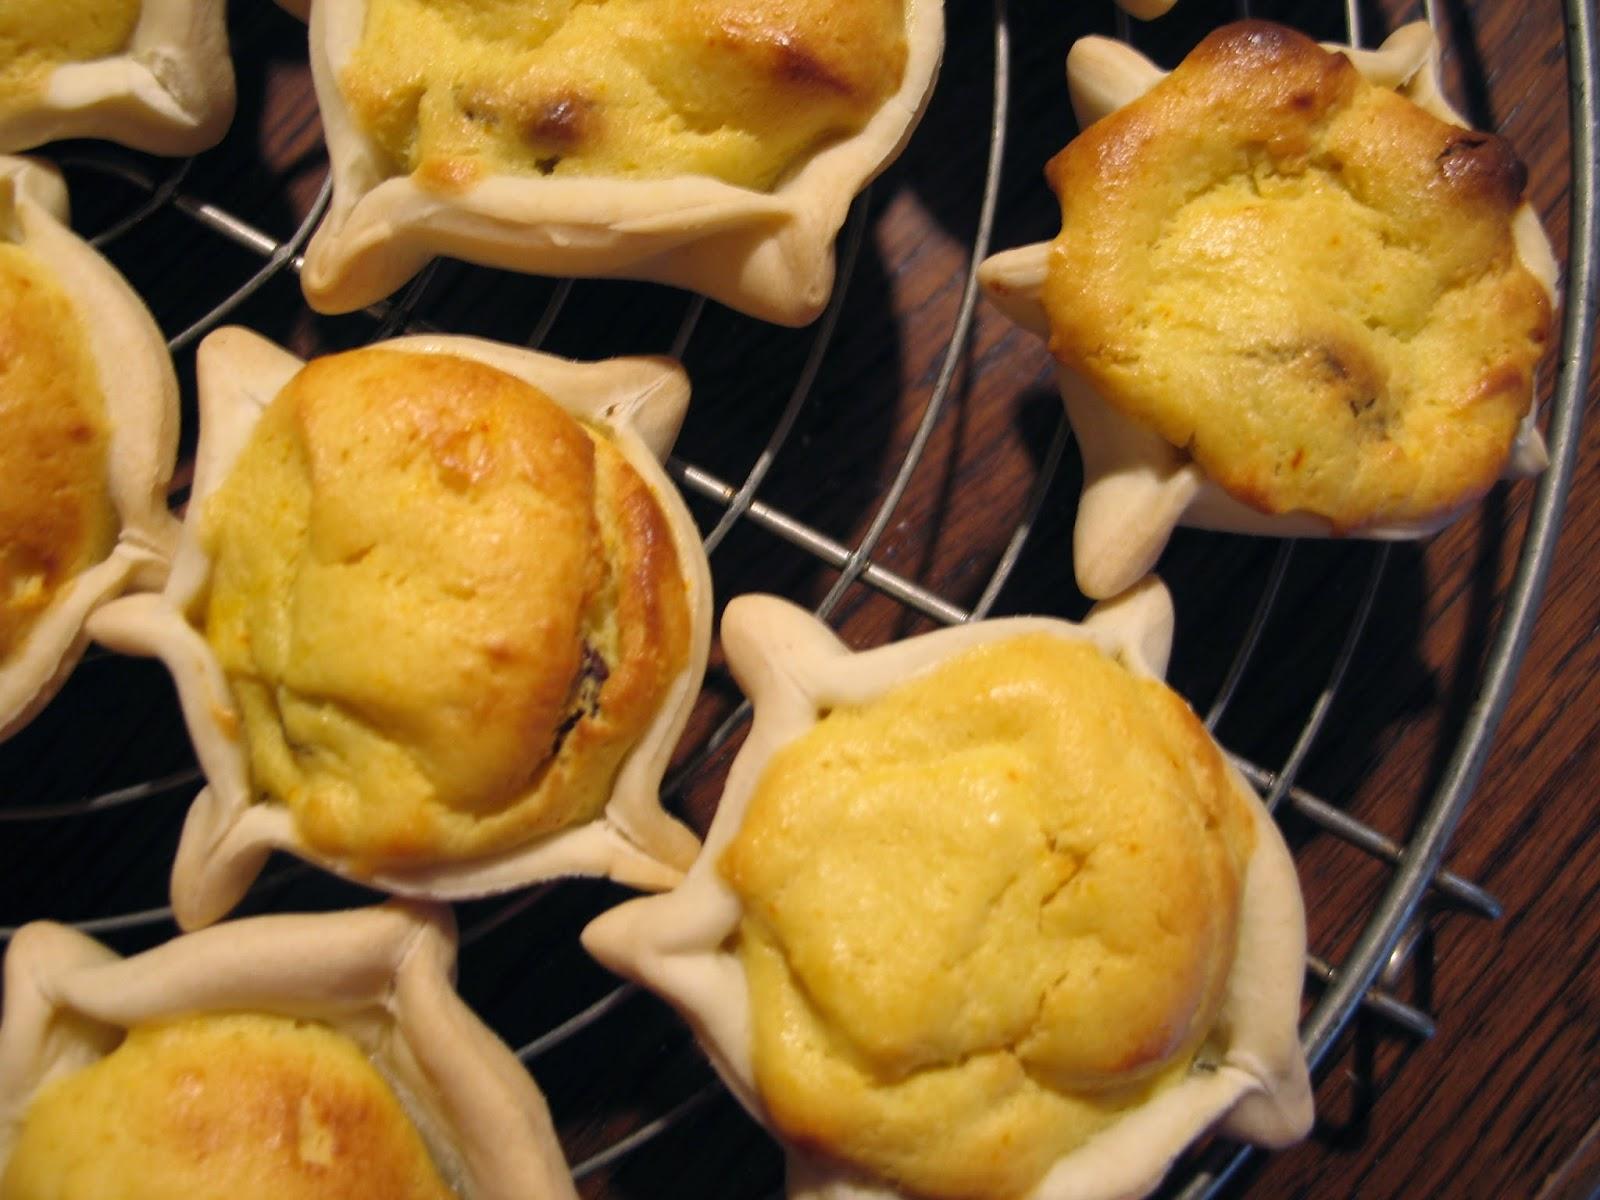 Sono dolci sardi pasquali fatti con formaggio di pecora fresco o ricotta e  aromatizzati con zafferano e scorze di arancia e limone.